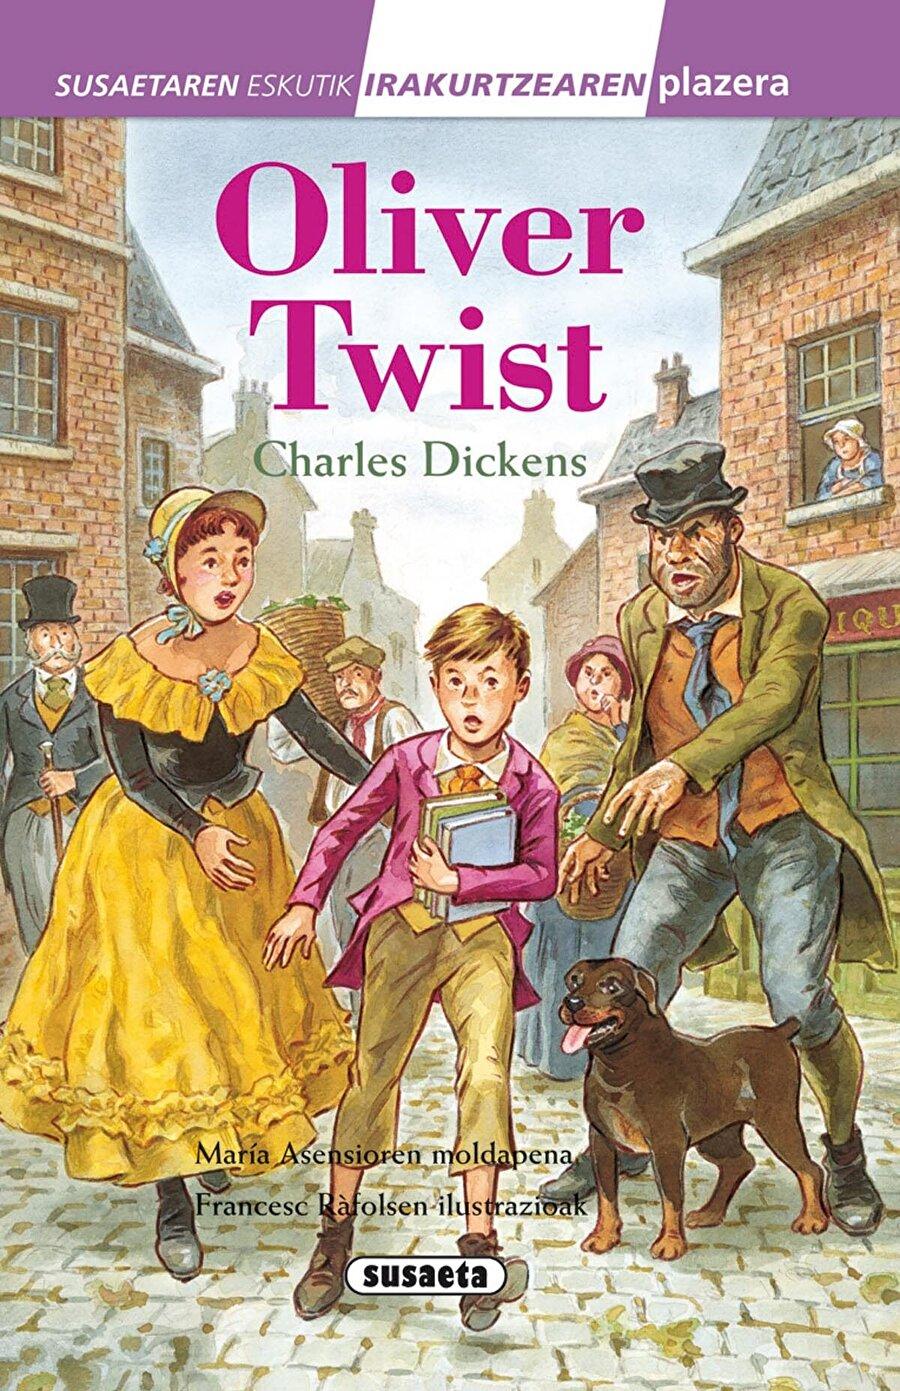 Oliver Twist - Charles Dickens                                                                           İlkokul yıllarında sınıflar için oluşturulan kütüphanenin başrolü olur kendileri. Buna rağmen okutturmuyorsanız çocuğunuza diyecek sözümüz yoktur efendim. Her şey bir yana dursun, sadece hikayesi bile çocuğunuzun derinlikli düşünce yapısına sahip olması için yetmektedir. Düşünün ki defalarca sinemaya uyarlandı bir de müzikal oldu.